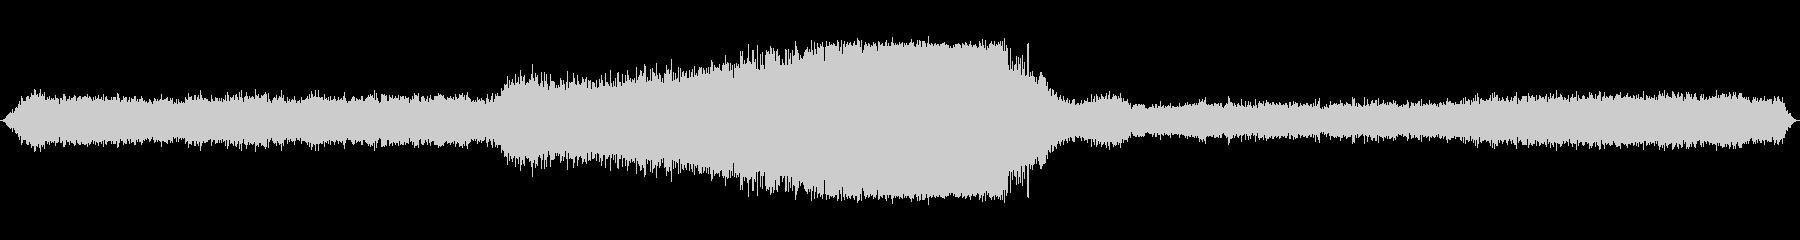 リアジェット55:アプローチプレー...の未再生の波形